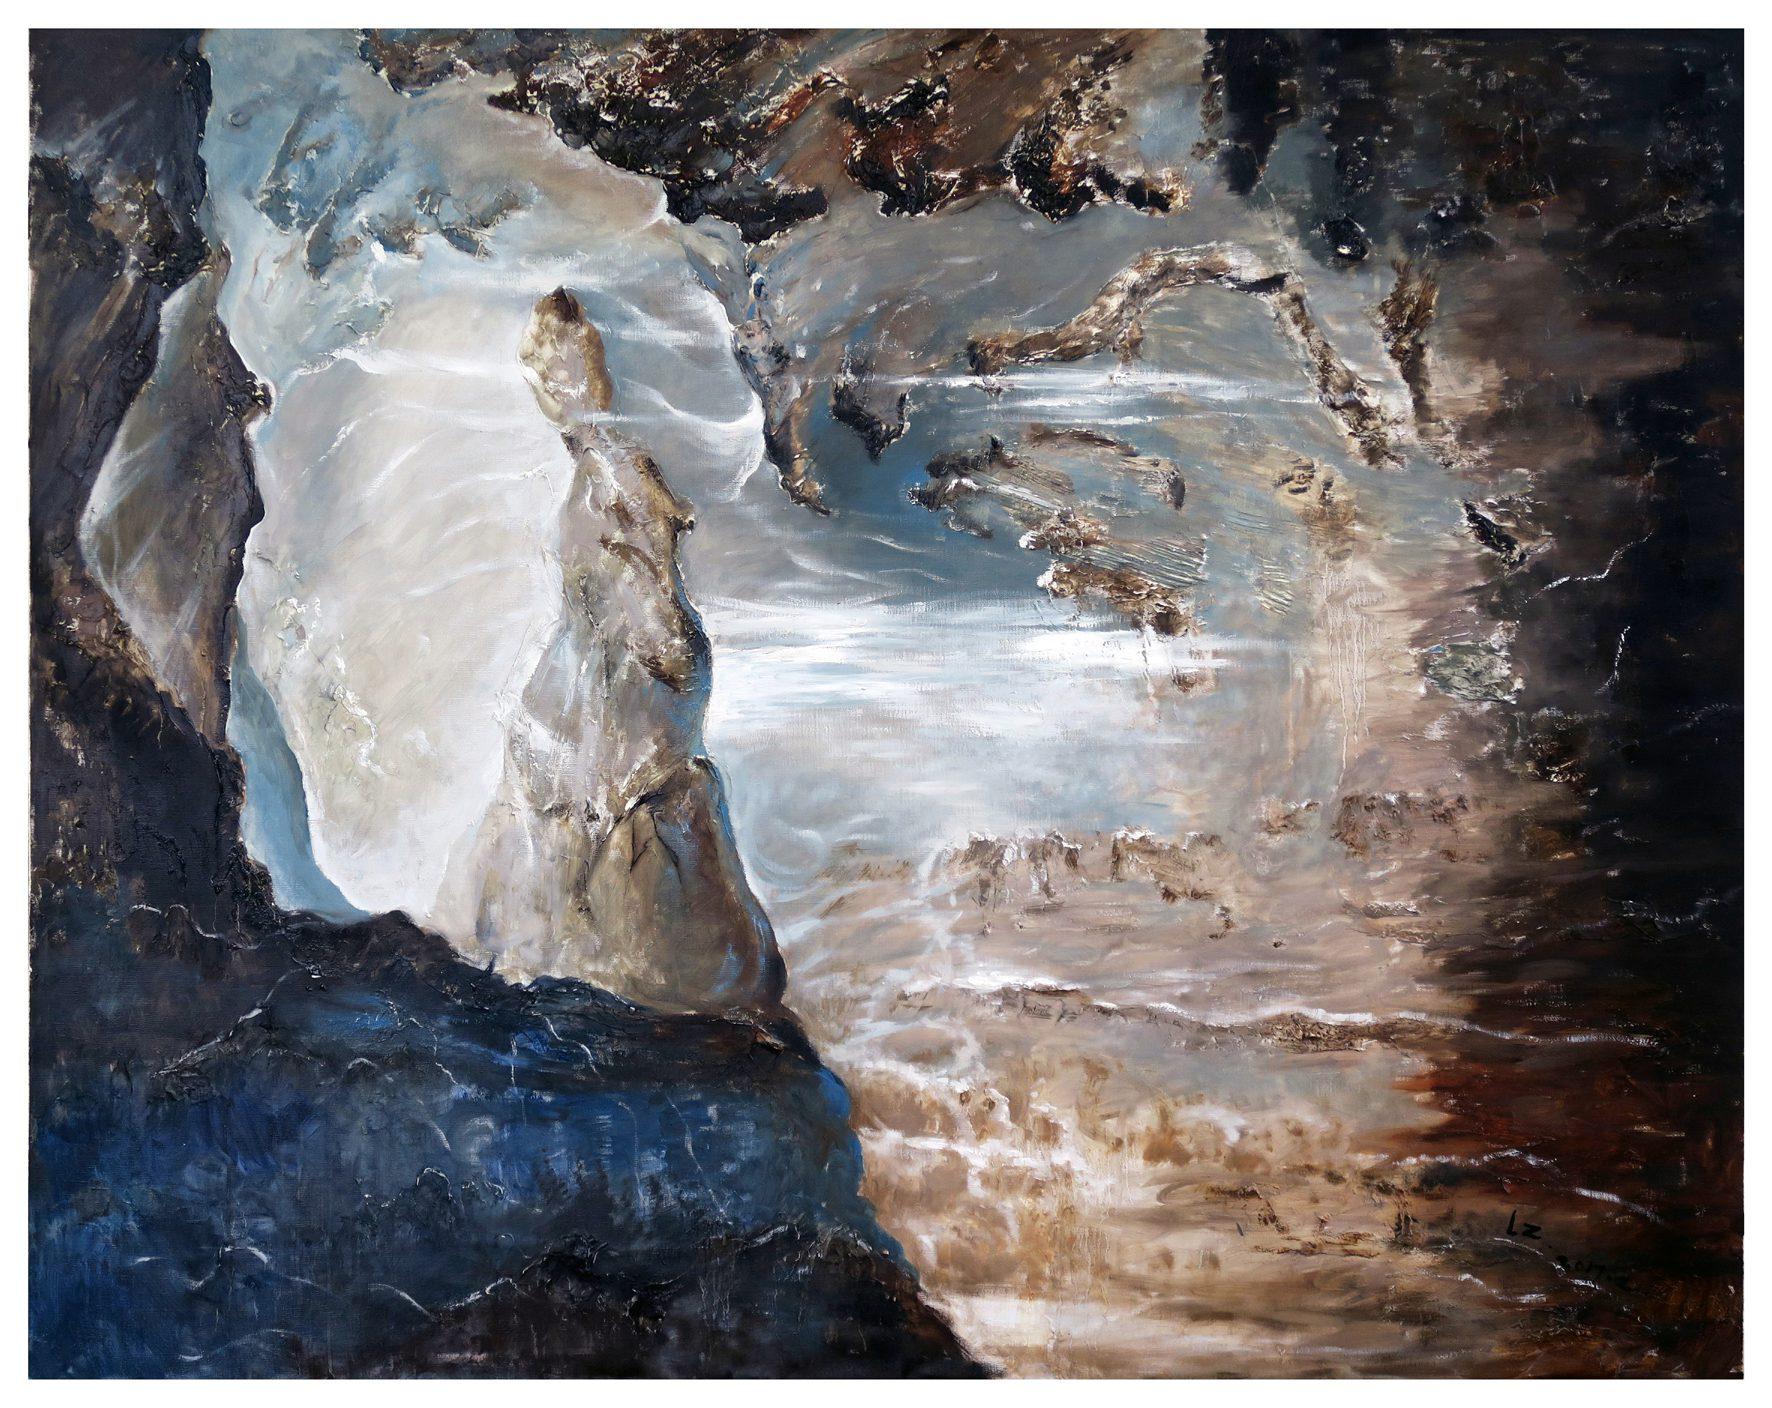 Li Zhi Die andere Seite des Sternenhimmels... 2017, Oil on canvas, 150 x 120 cm, framed.